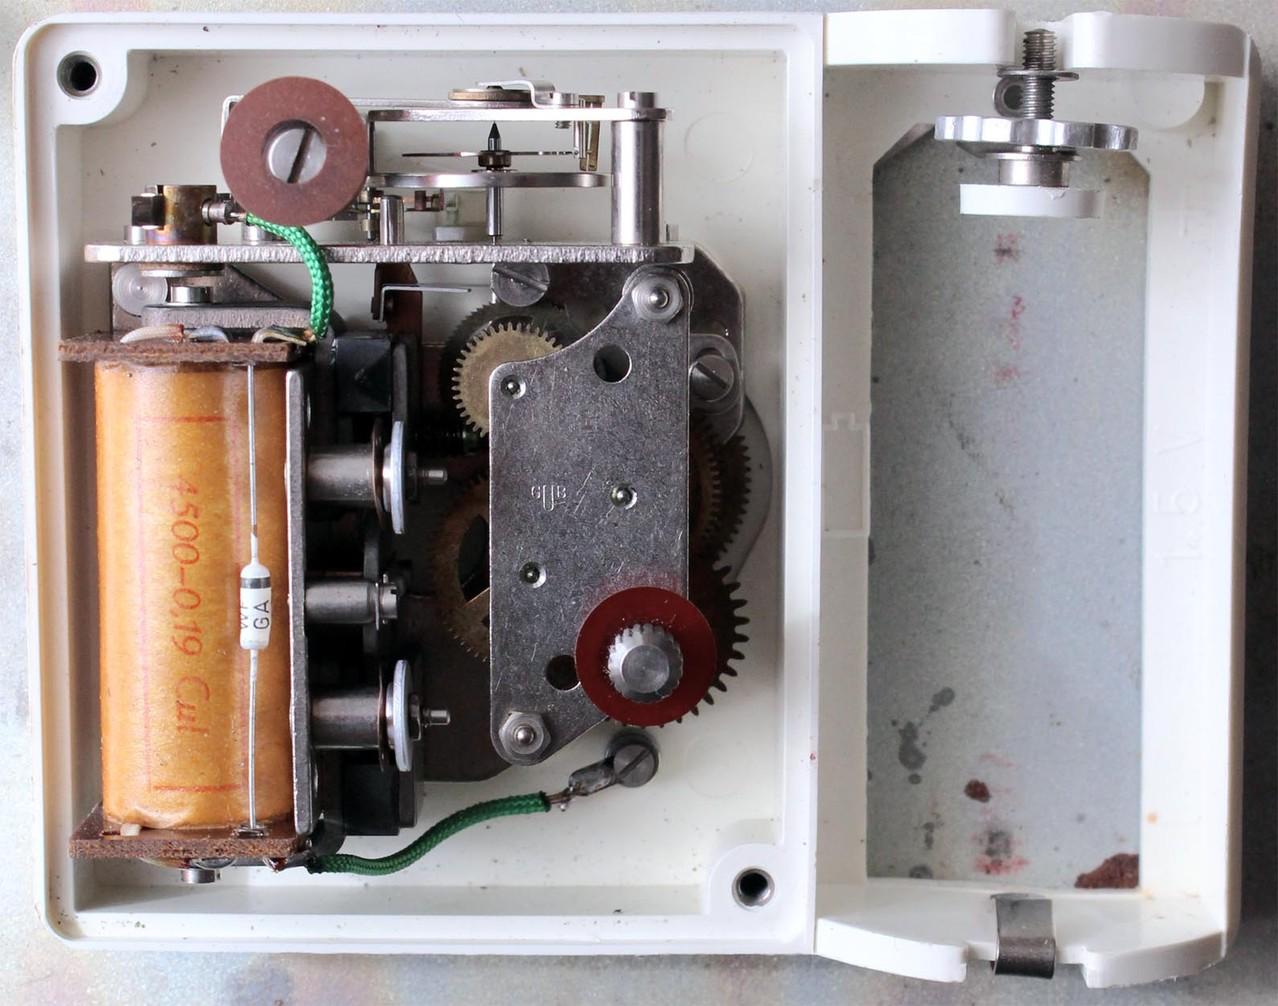 Offenes Werkgehäuse mit Kaliber 410 & Batteriefach